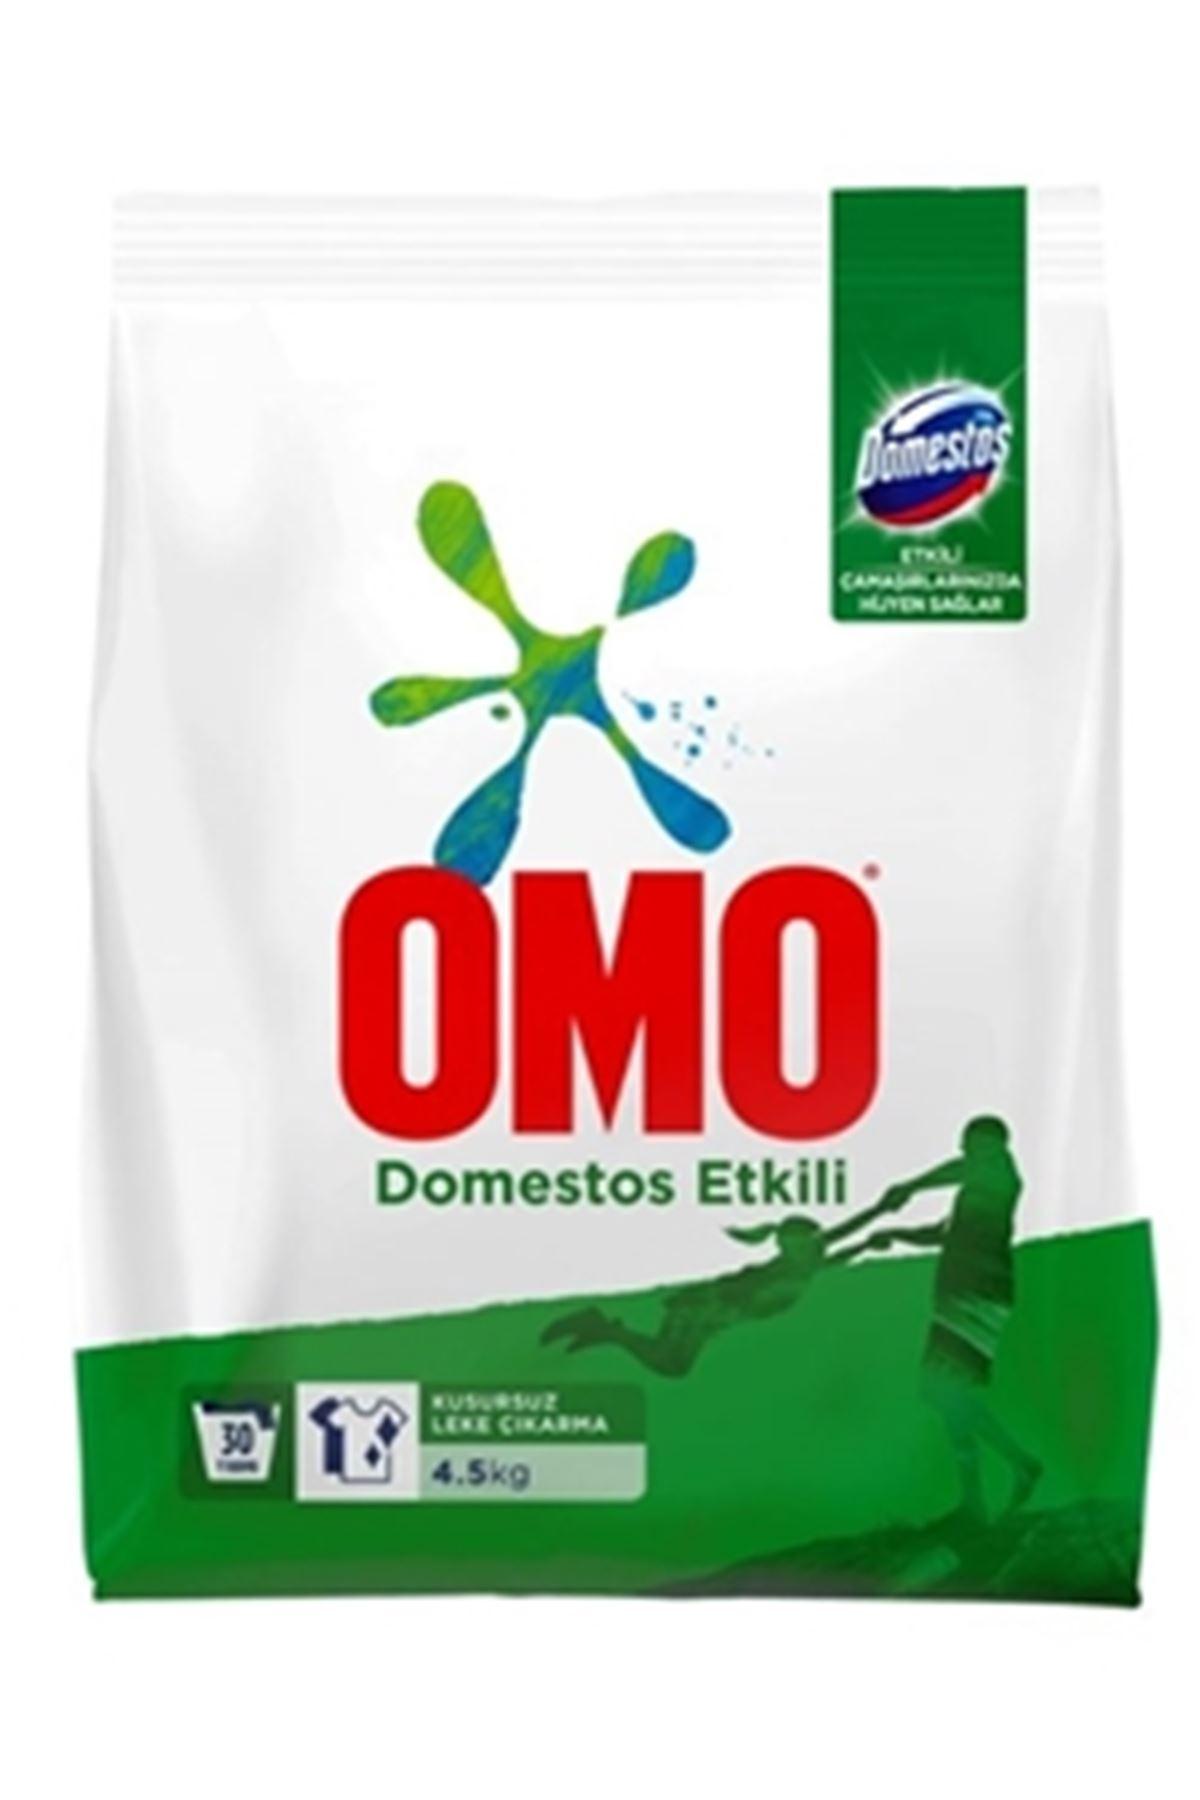 Omo Domestos Etkili Toz Çamaşır Deterjanı 4,5 KG 30 Yıkama